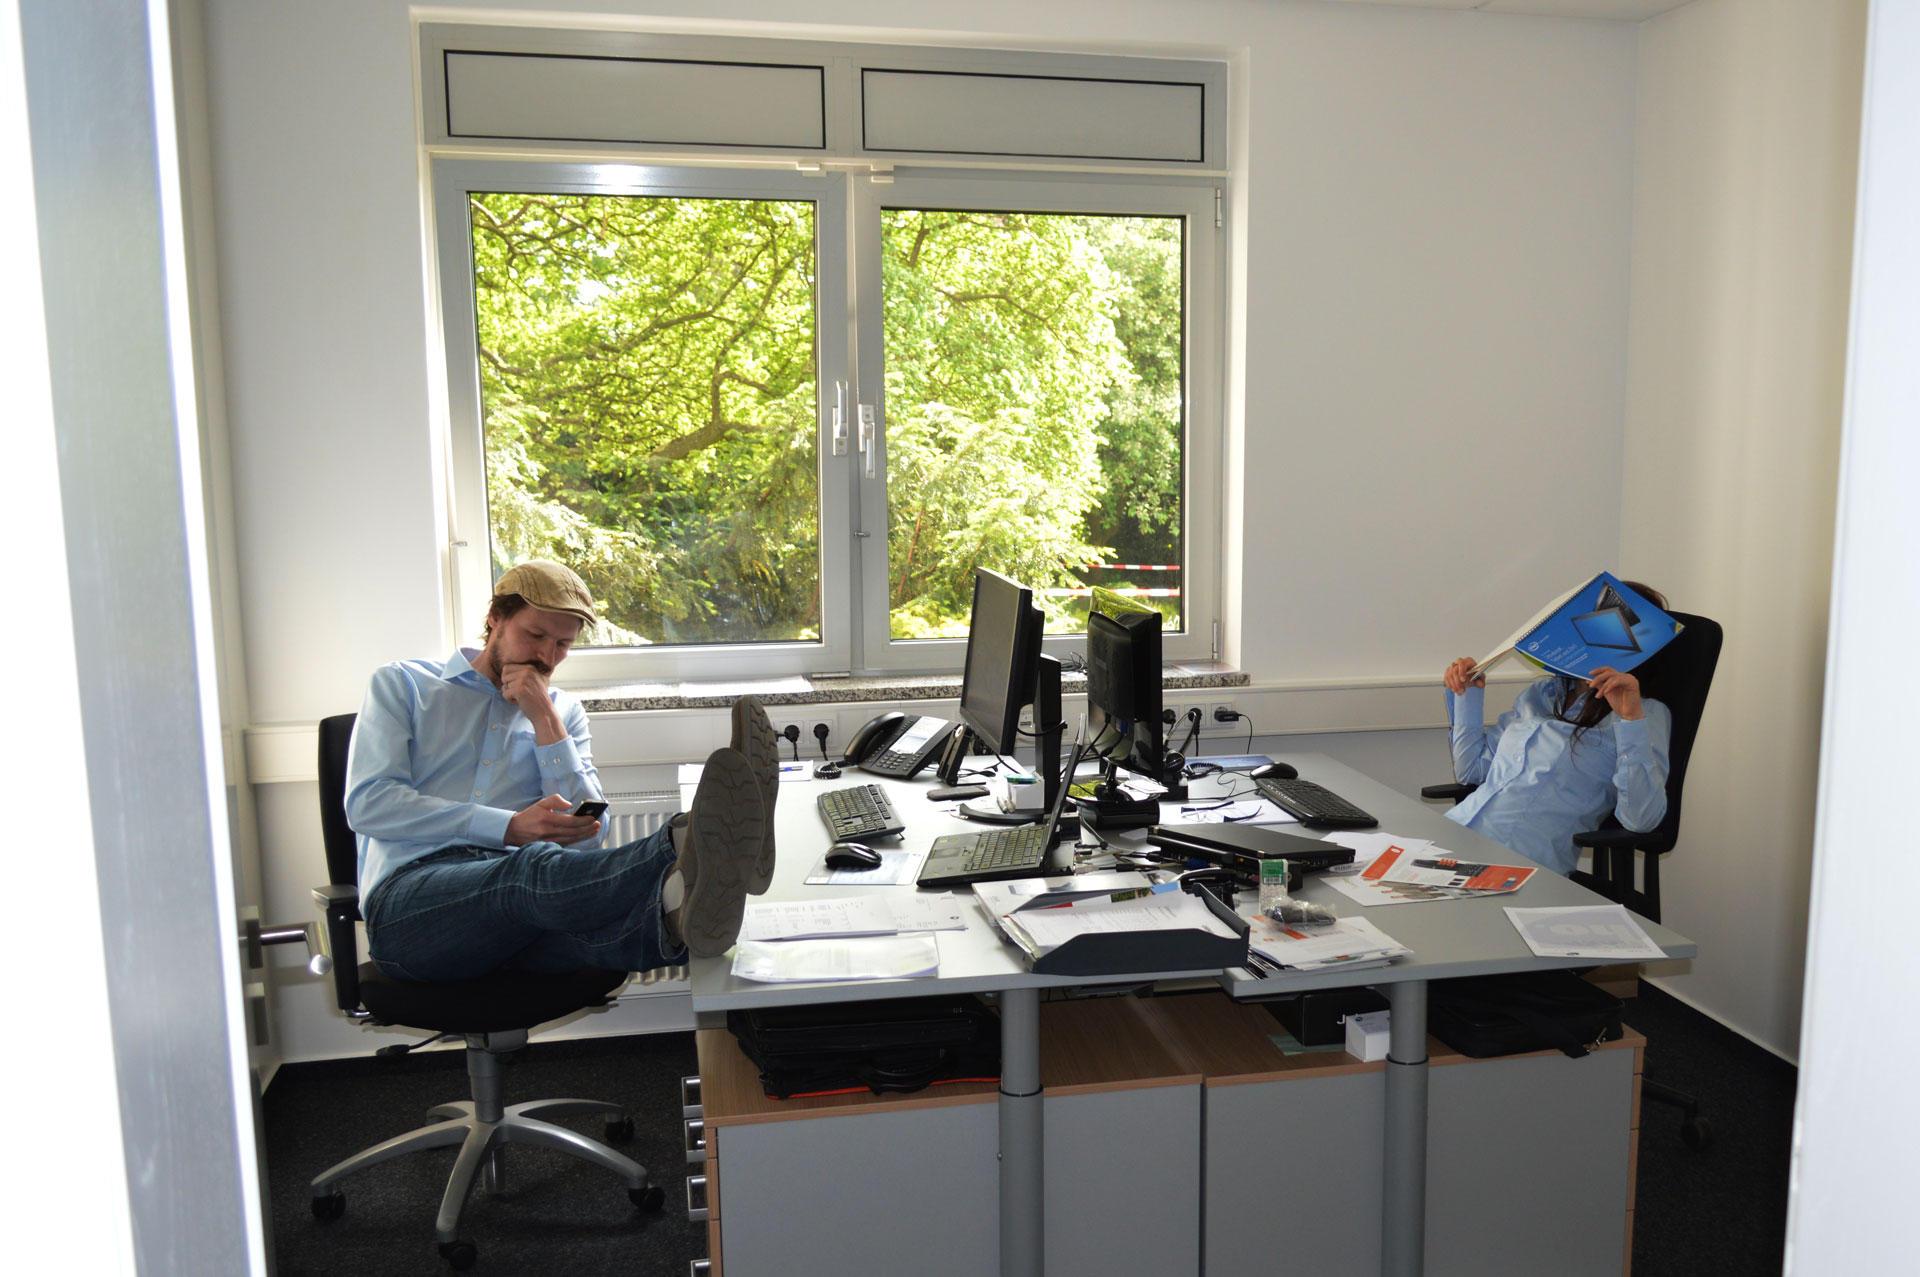 Elby und Sara bei der Arbeit